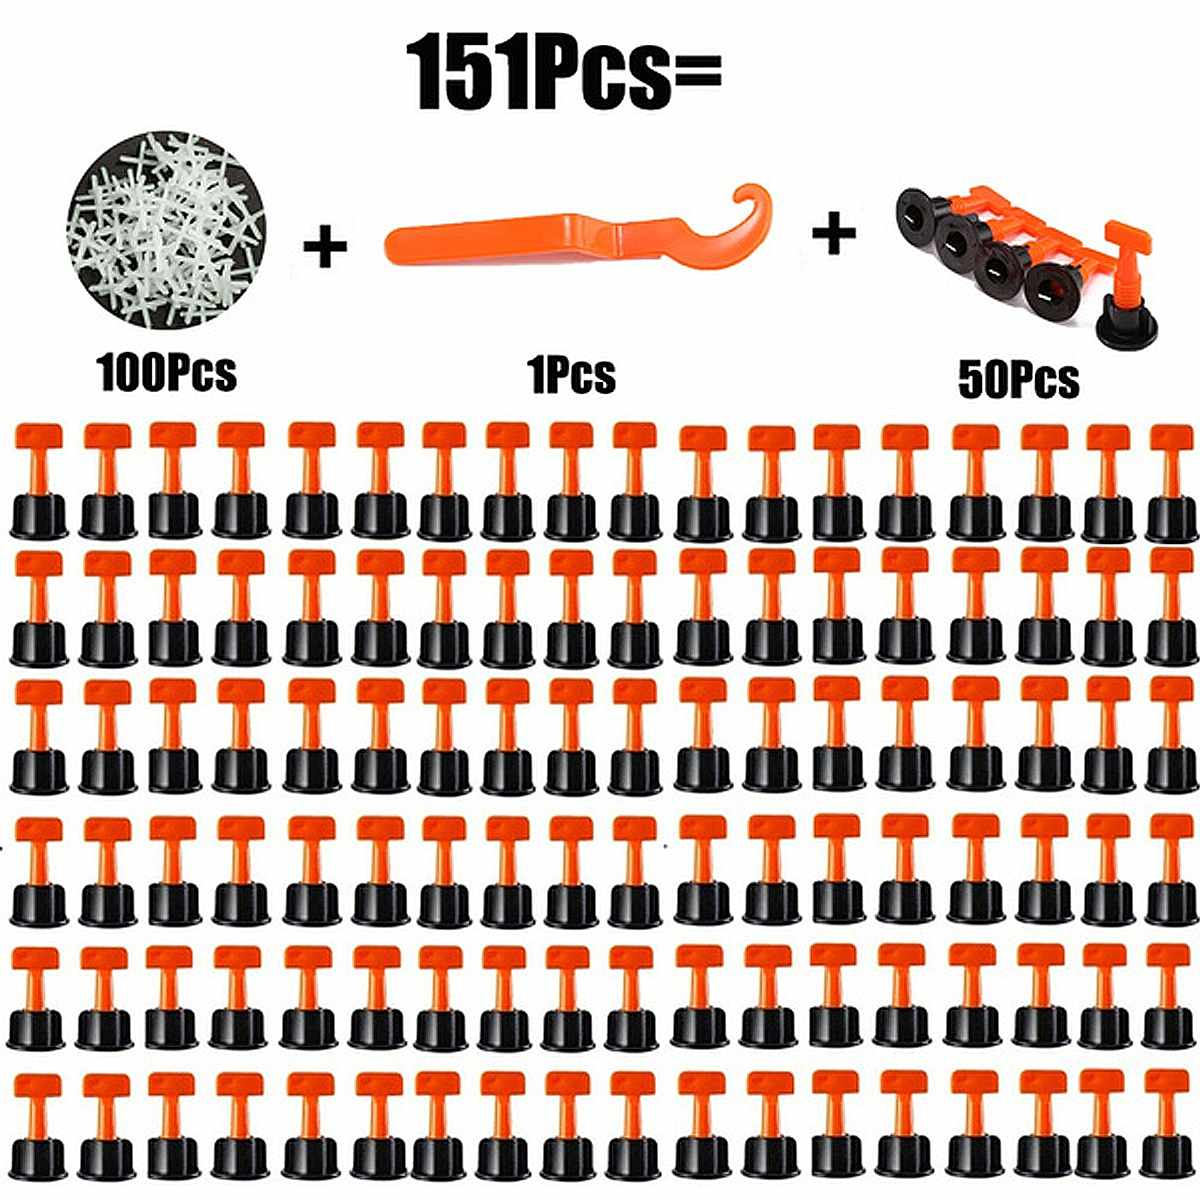 151 vnt. Pleištiniai plytelių tarpikliai grindų sienų plytelių tarpiklių plytelių išlyginimo sistemos lygintuvų lokatorių tarpikliams